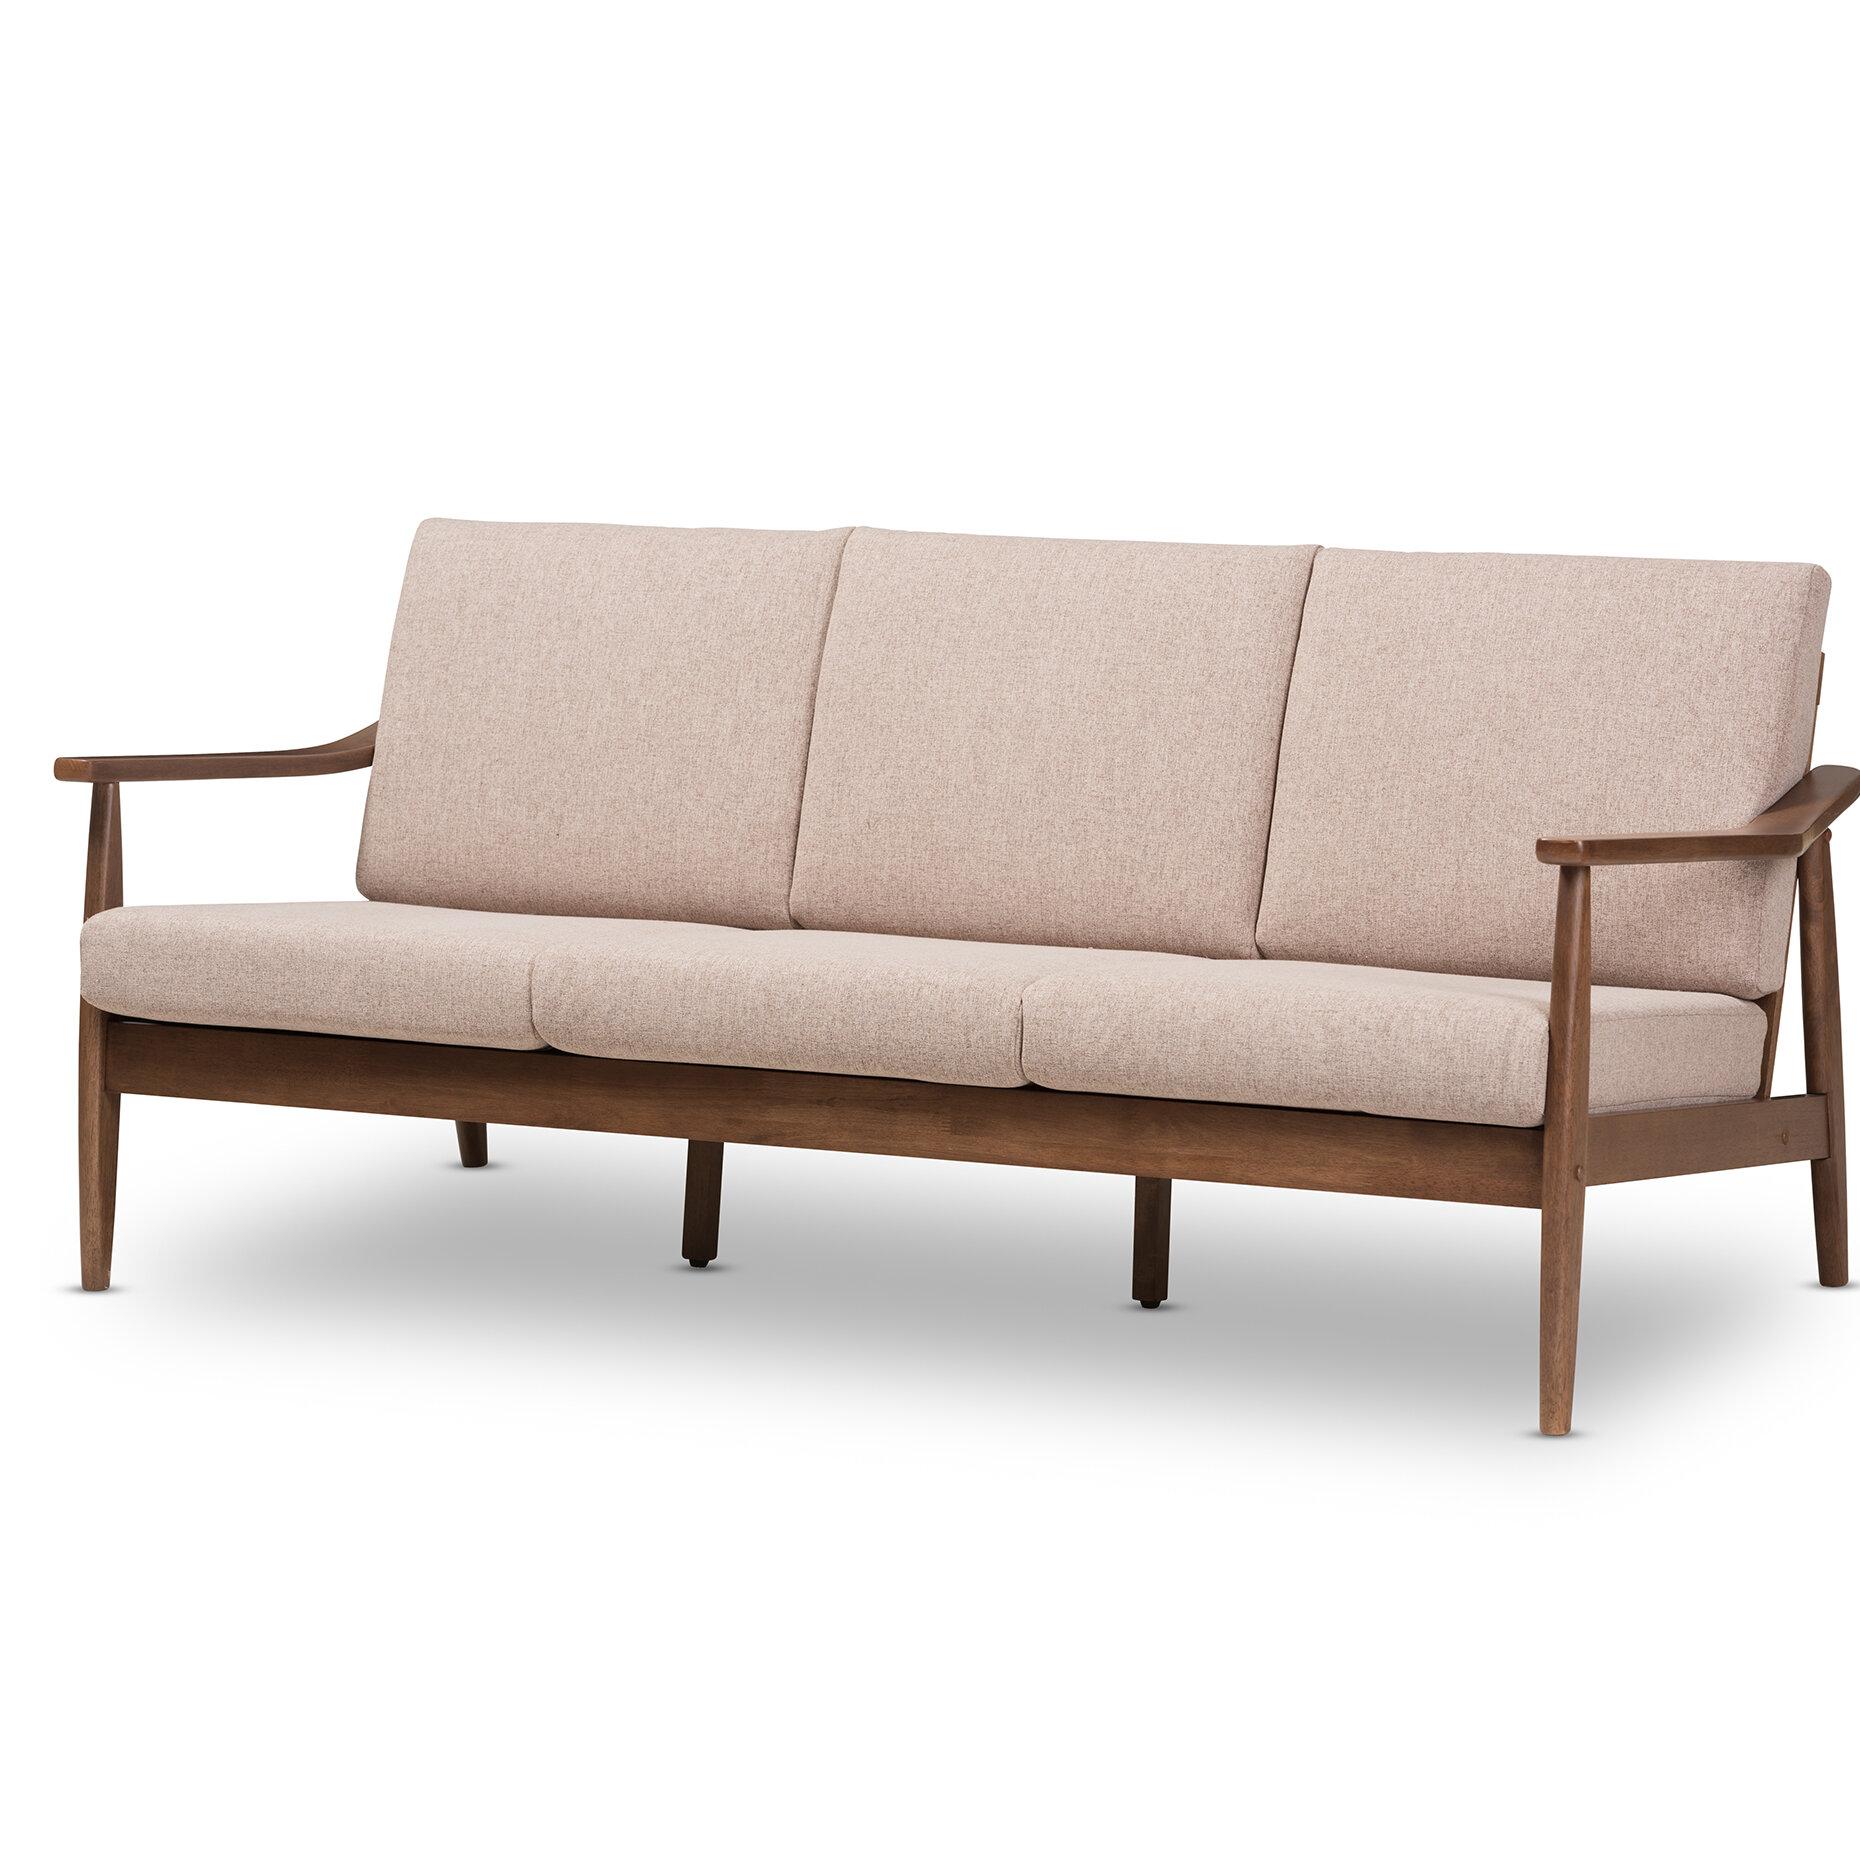 Kellner mid century modern sofa